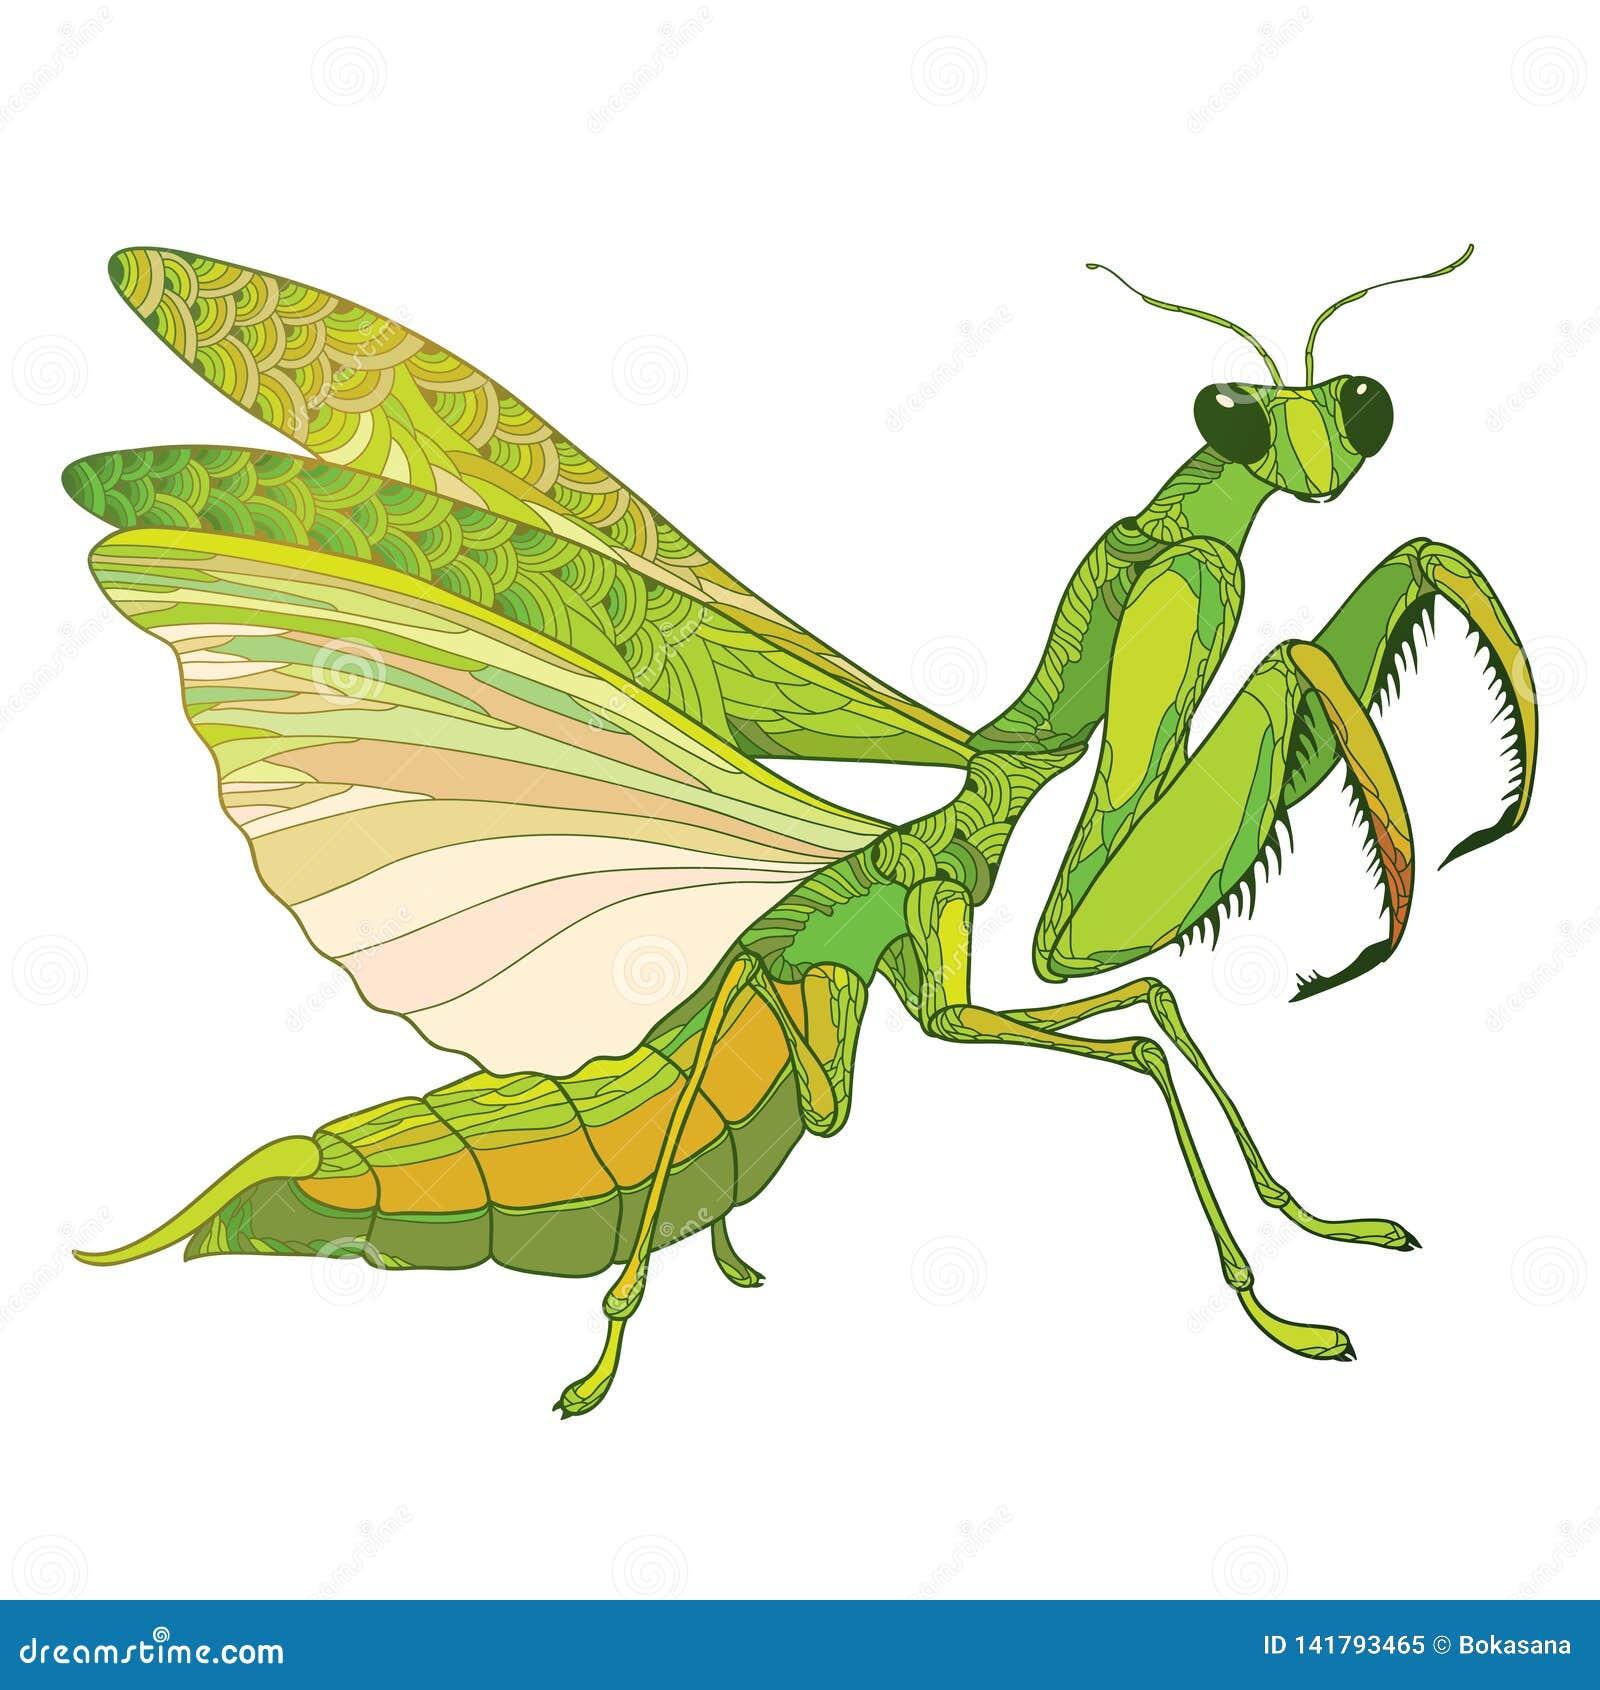 praying mantis wings out